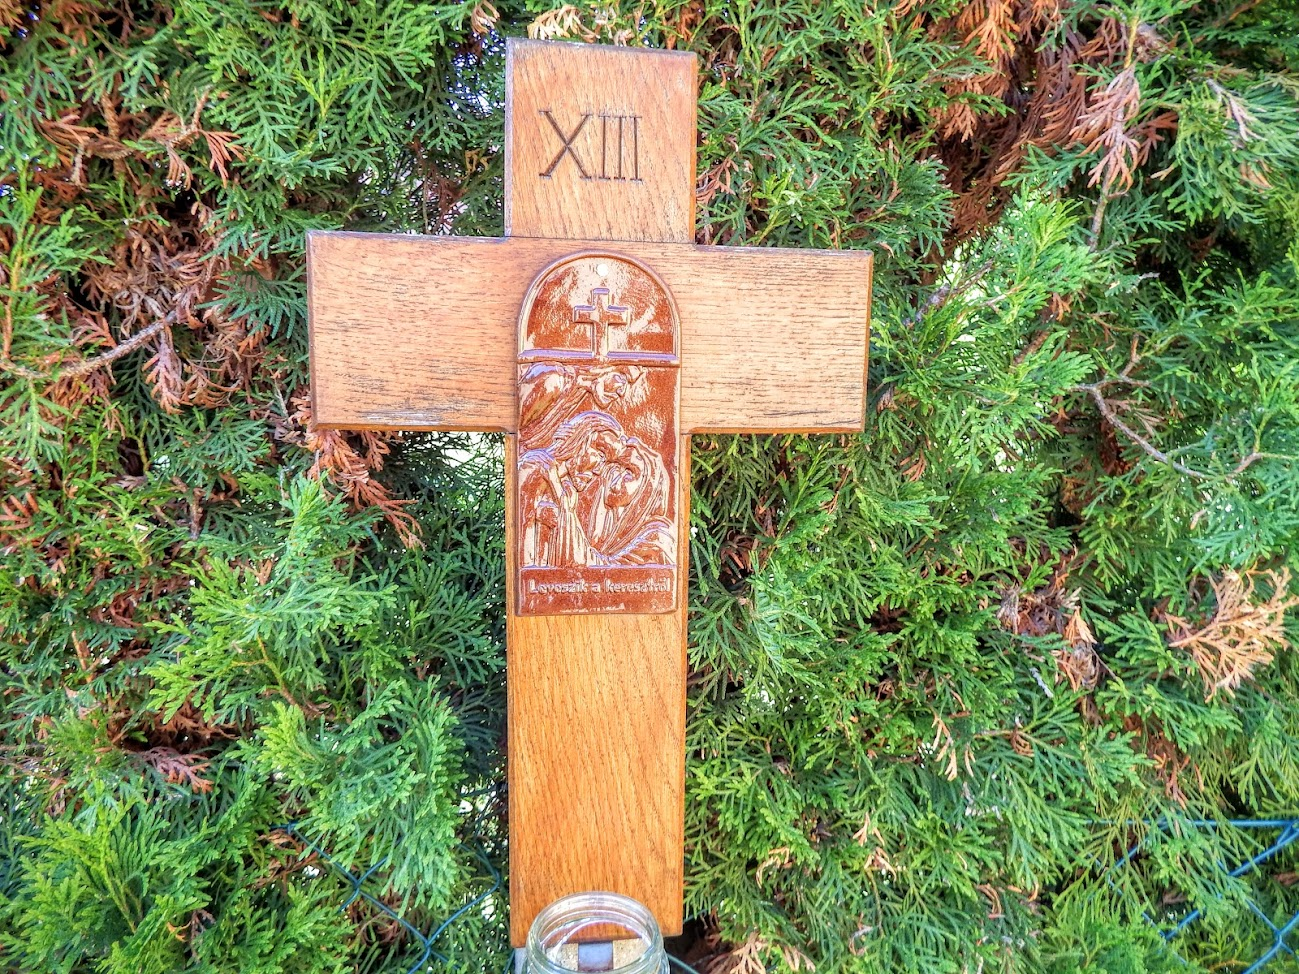 Körmend-Horvátnádalja - Keresztút a templom melletti kertben